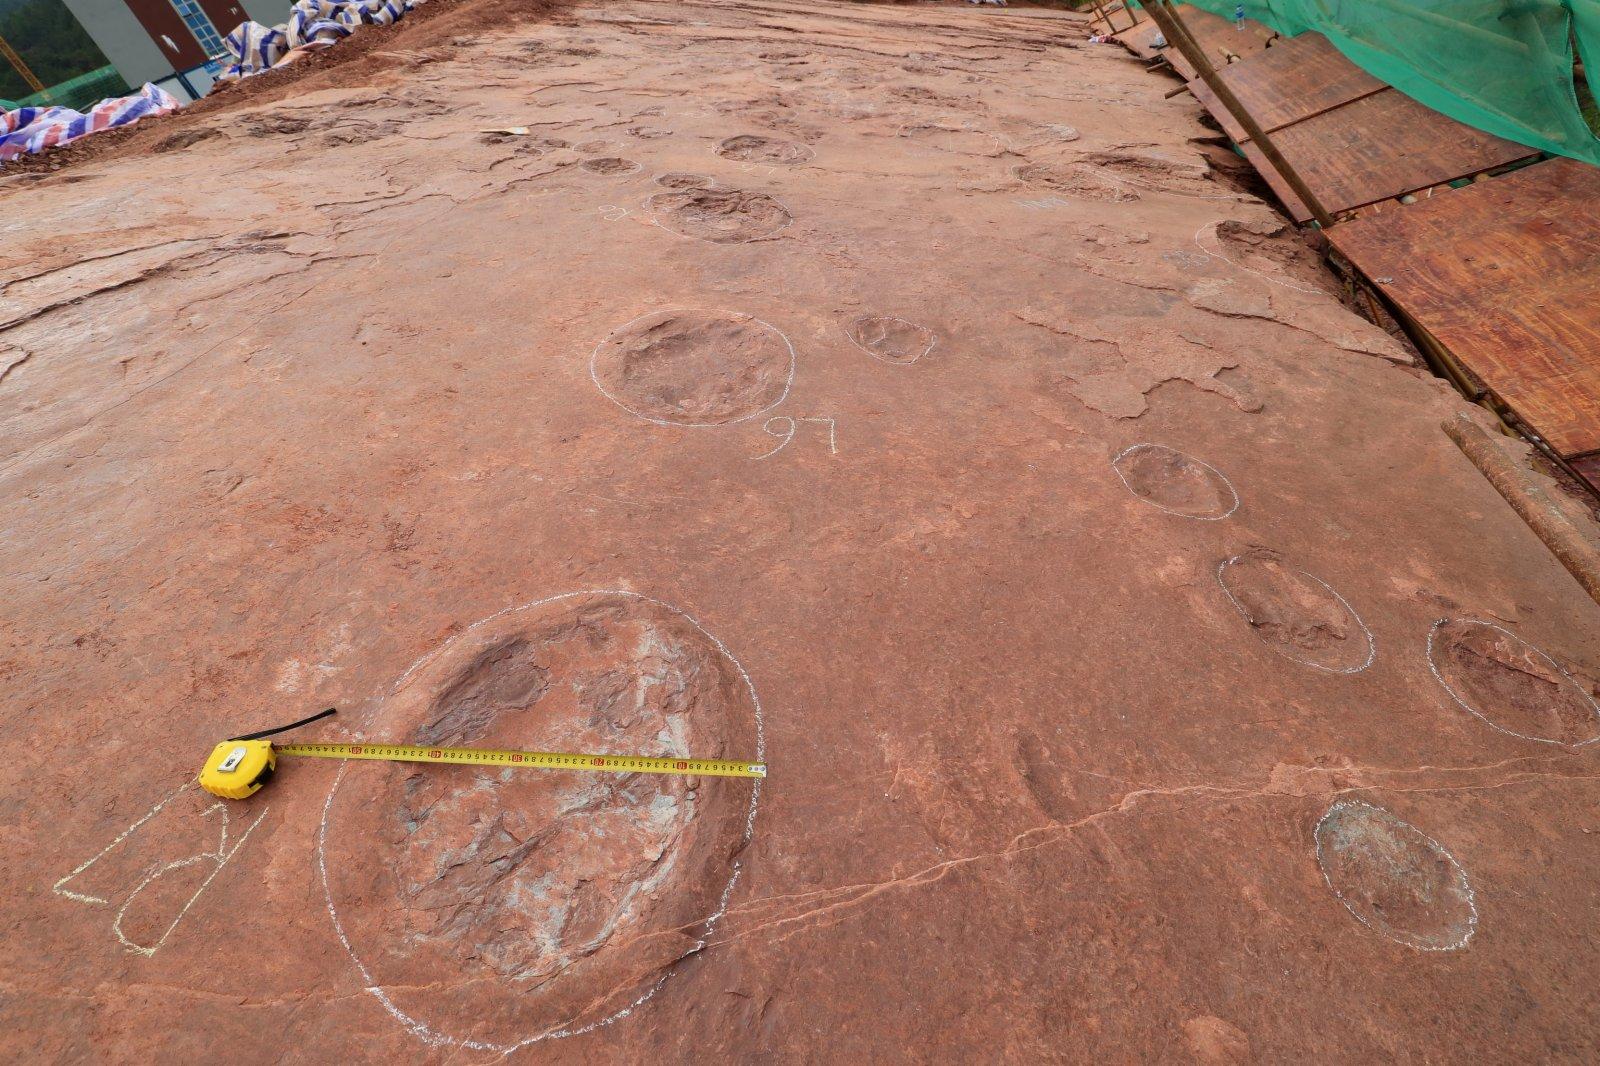 這是新發現的大型蜥腳類恐龍足跡化石。(新華社)